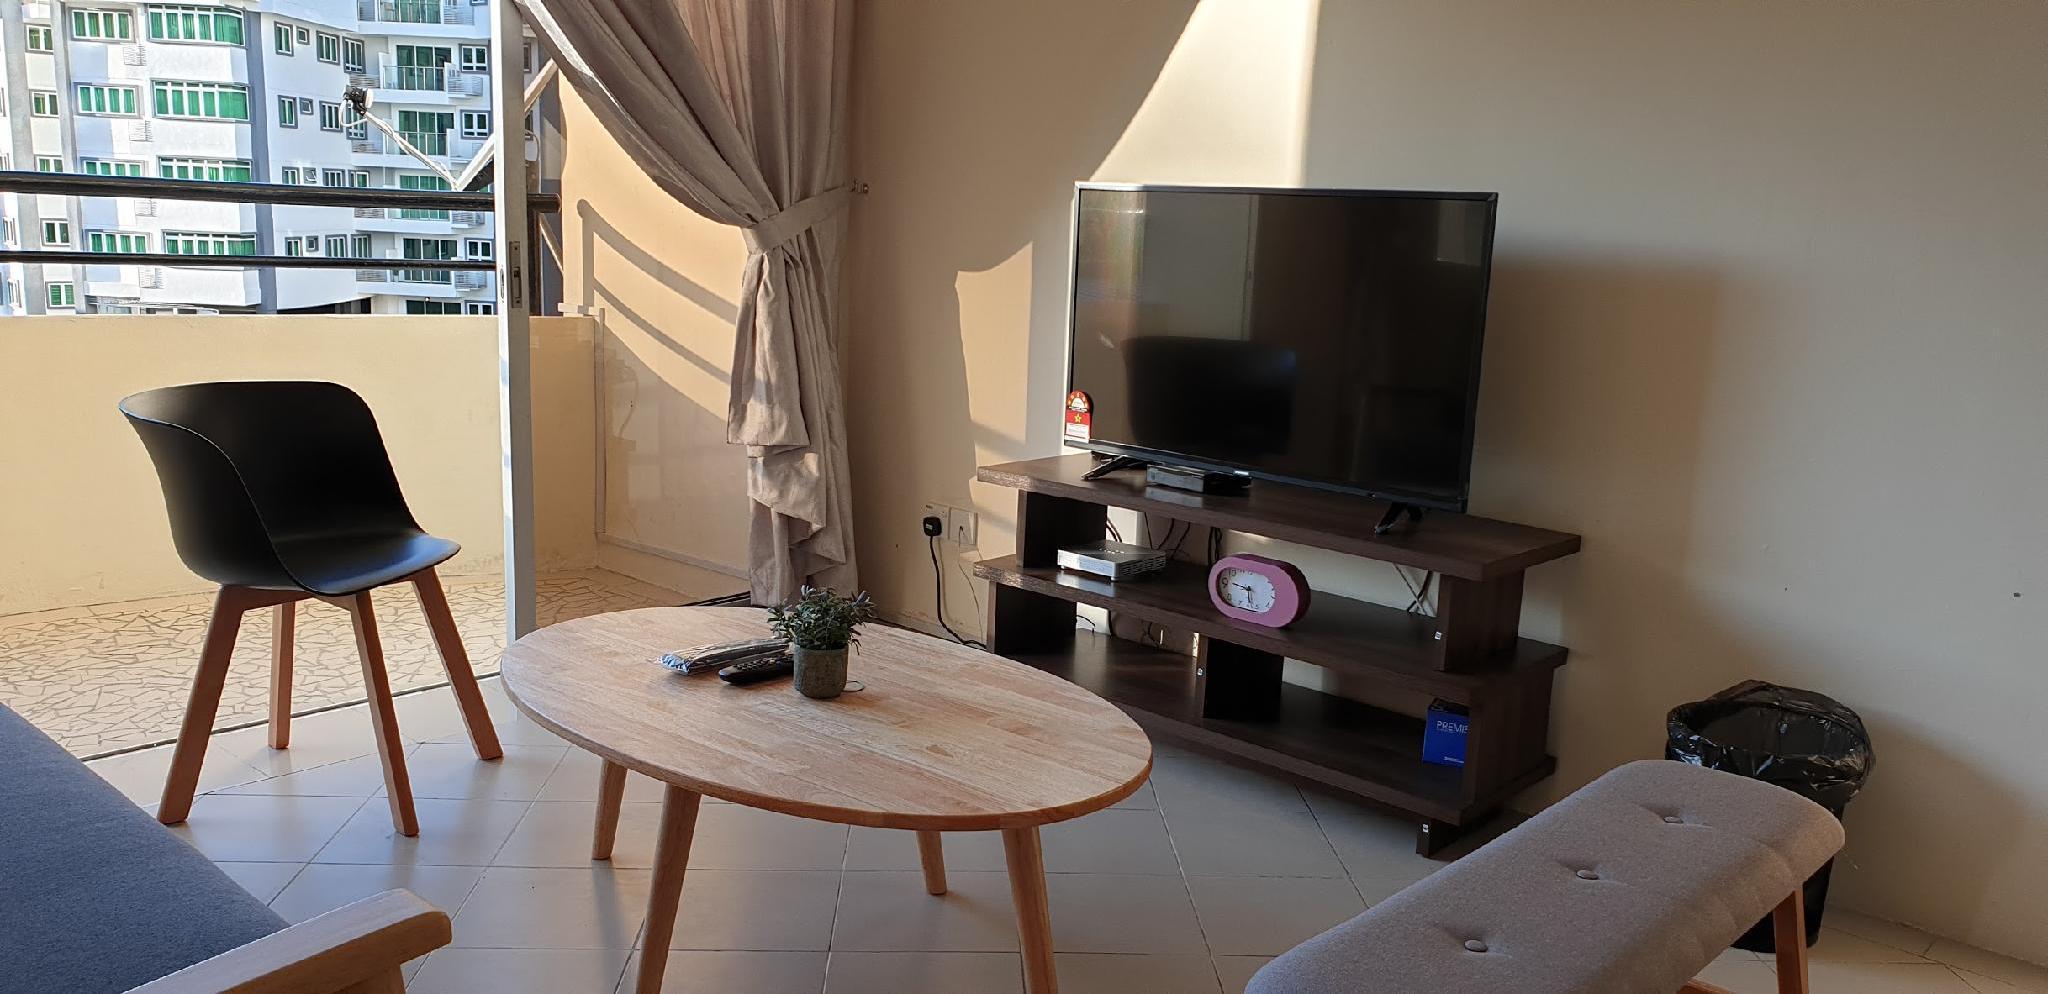 1. Tanjung Aru Luxury Condo Comfortand Convenient